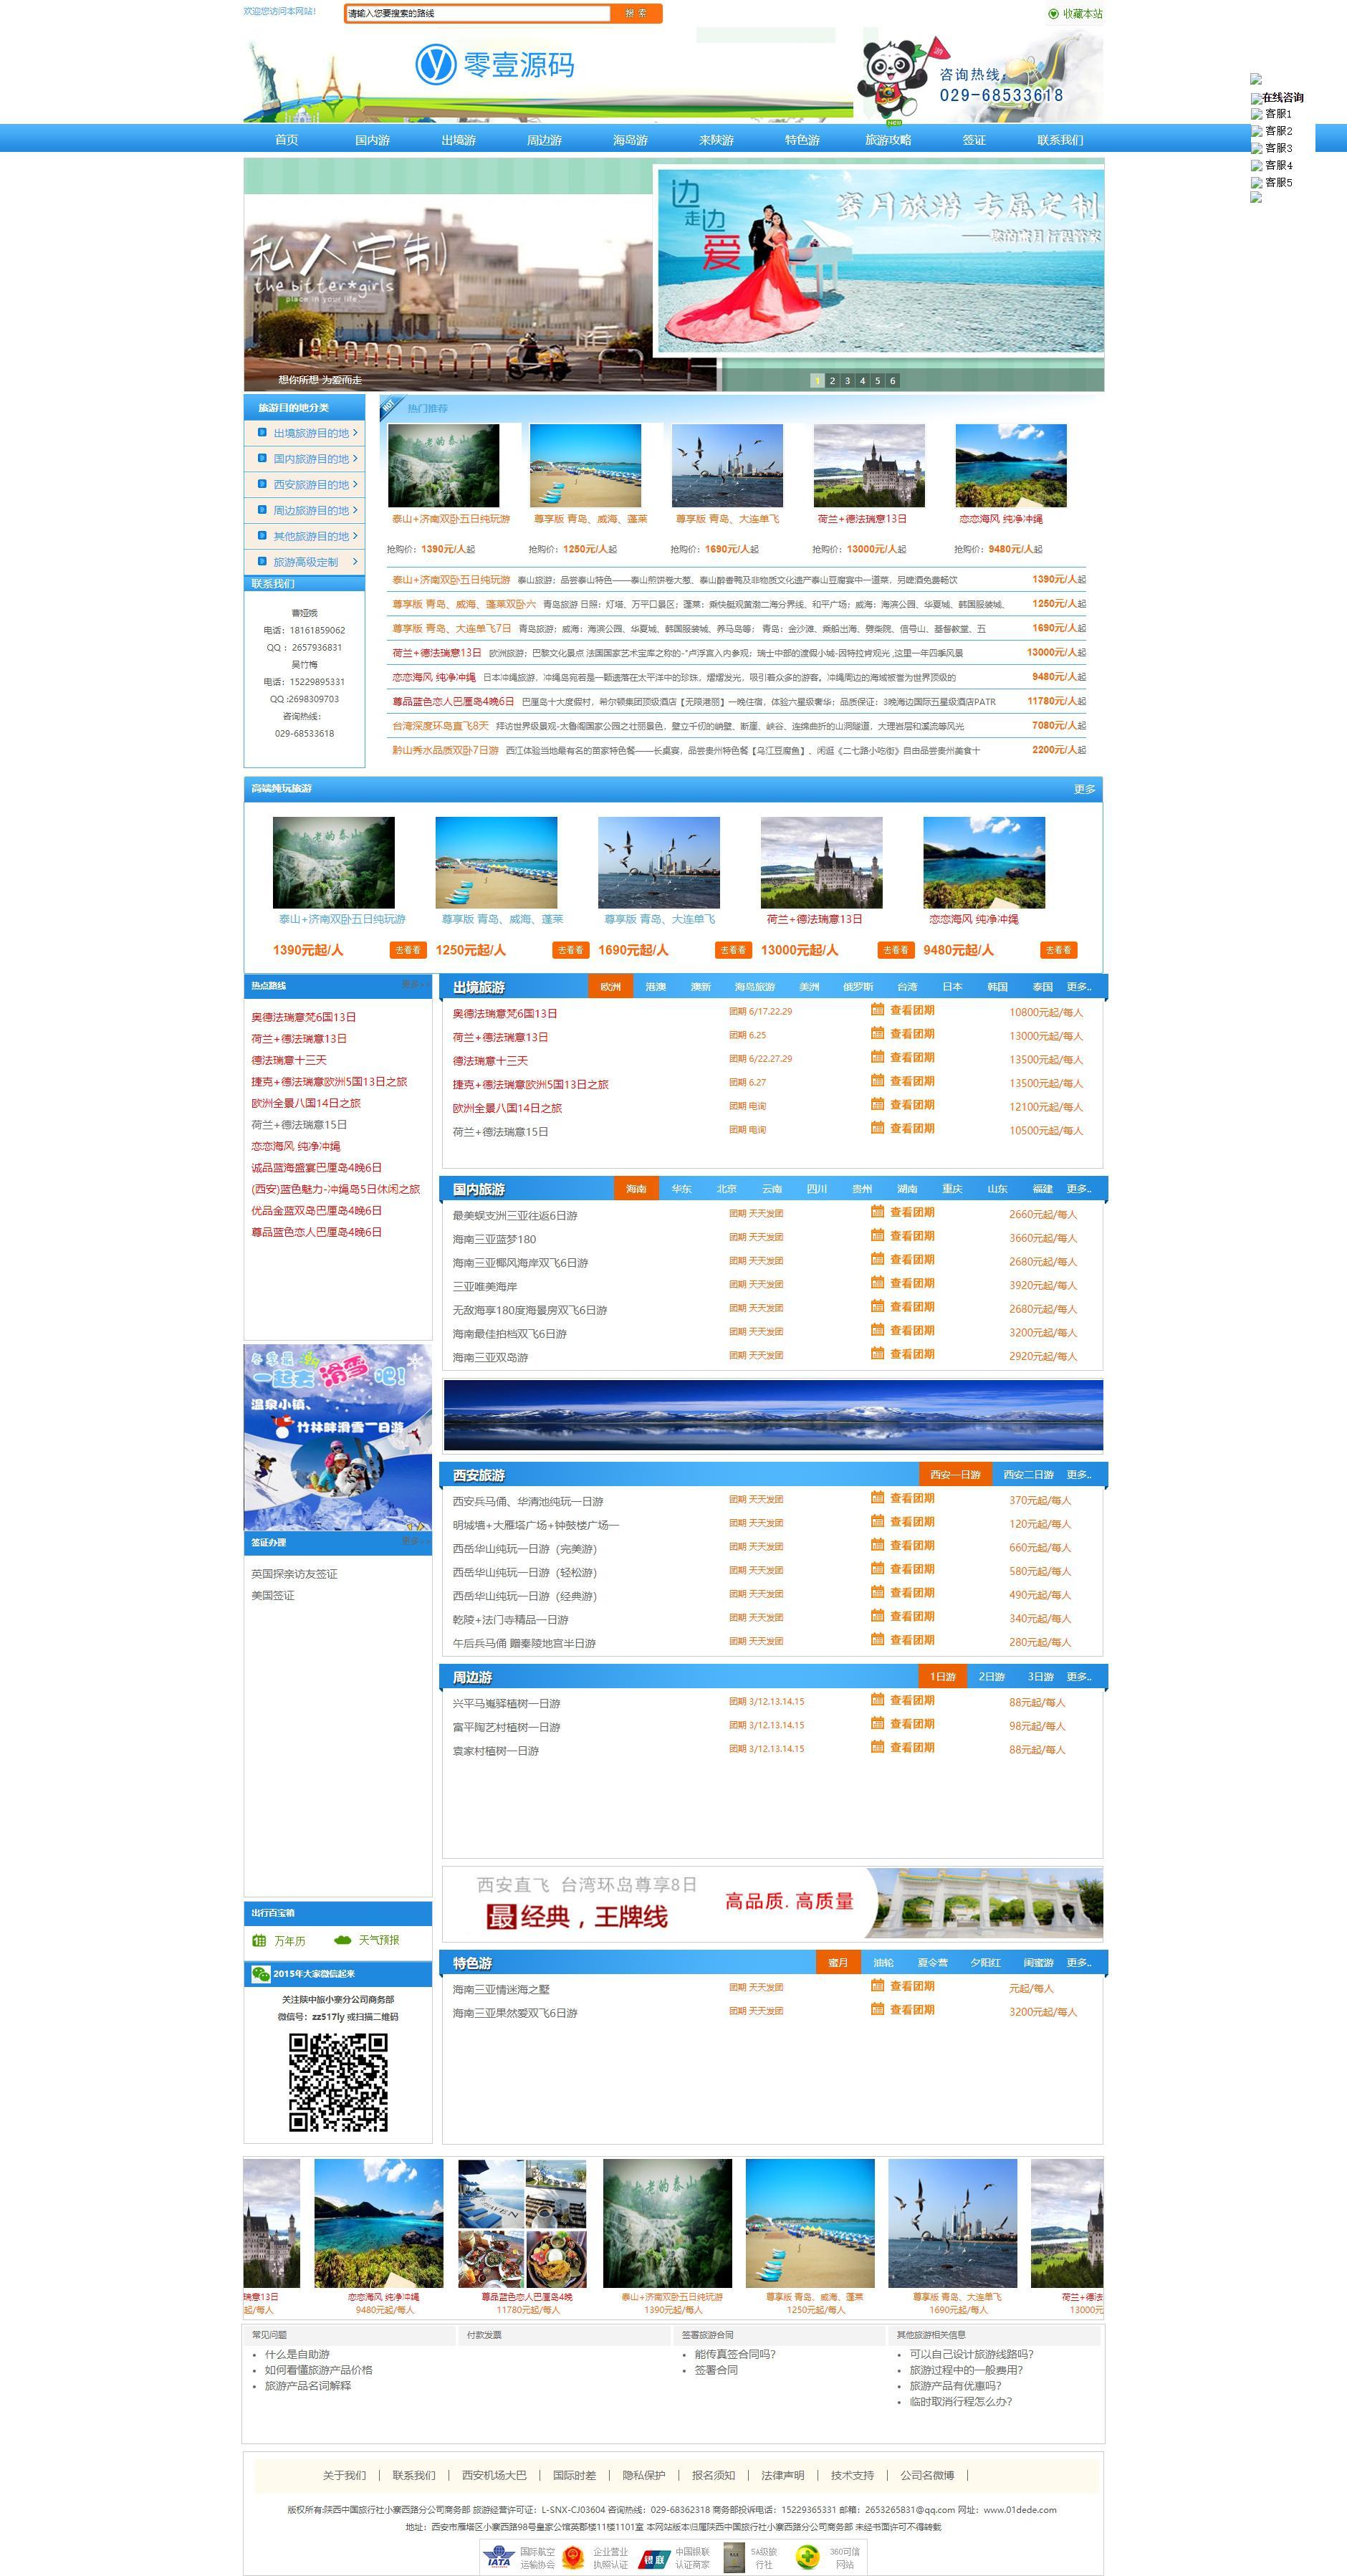 大气旅行社旅游类公司网站织梦dedecms模板